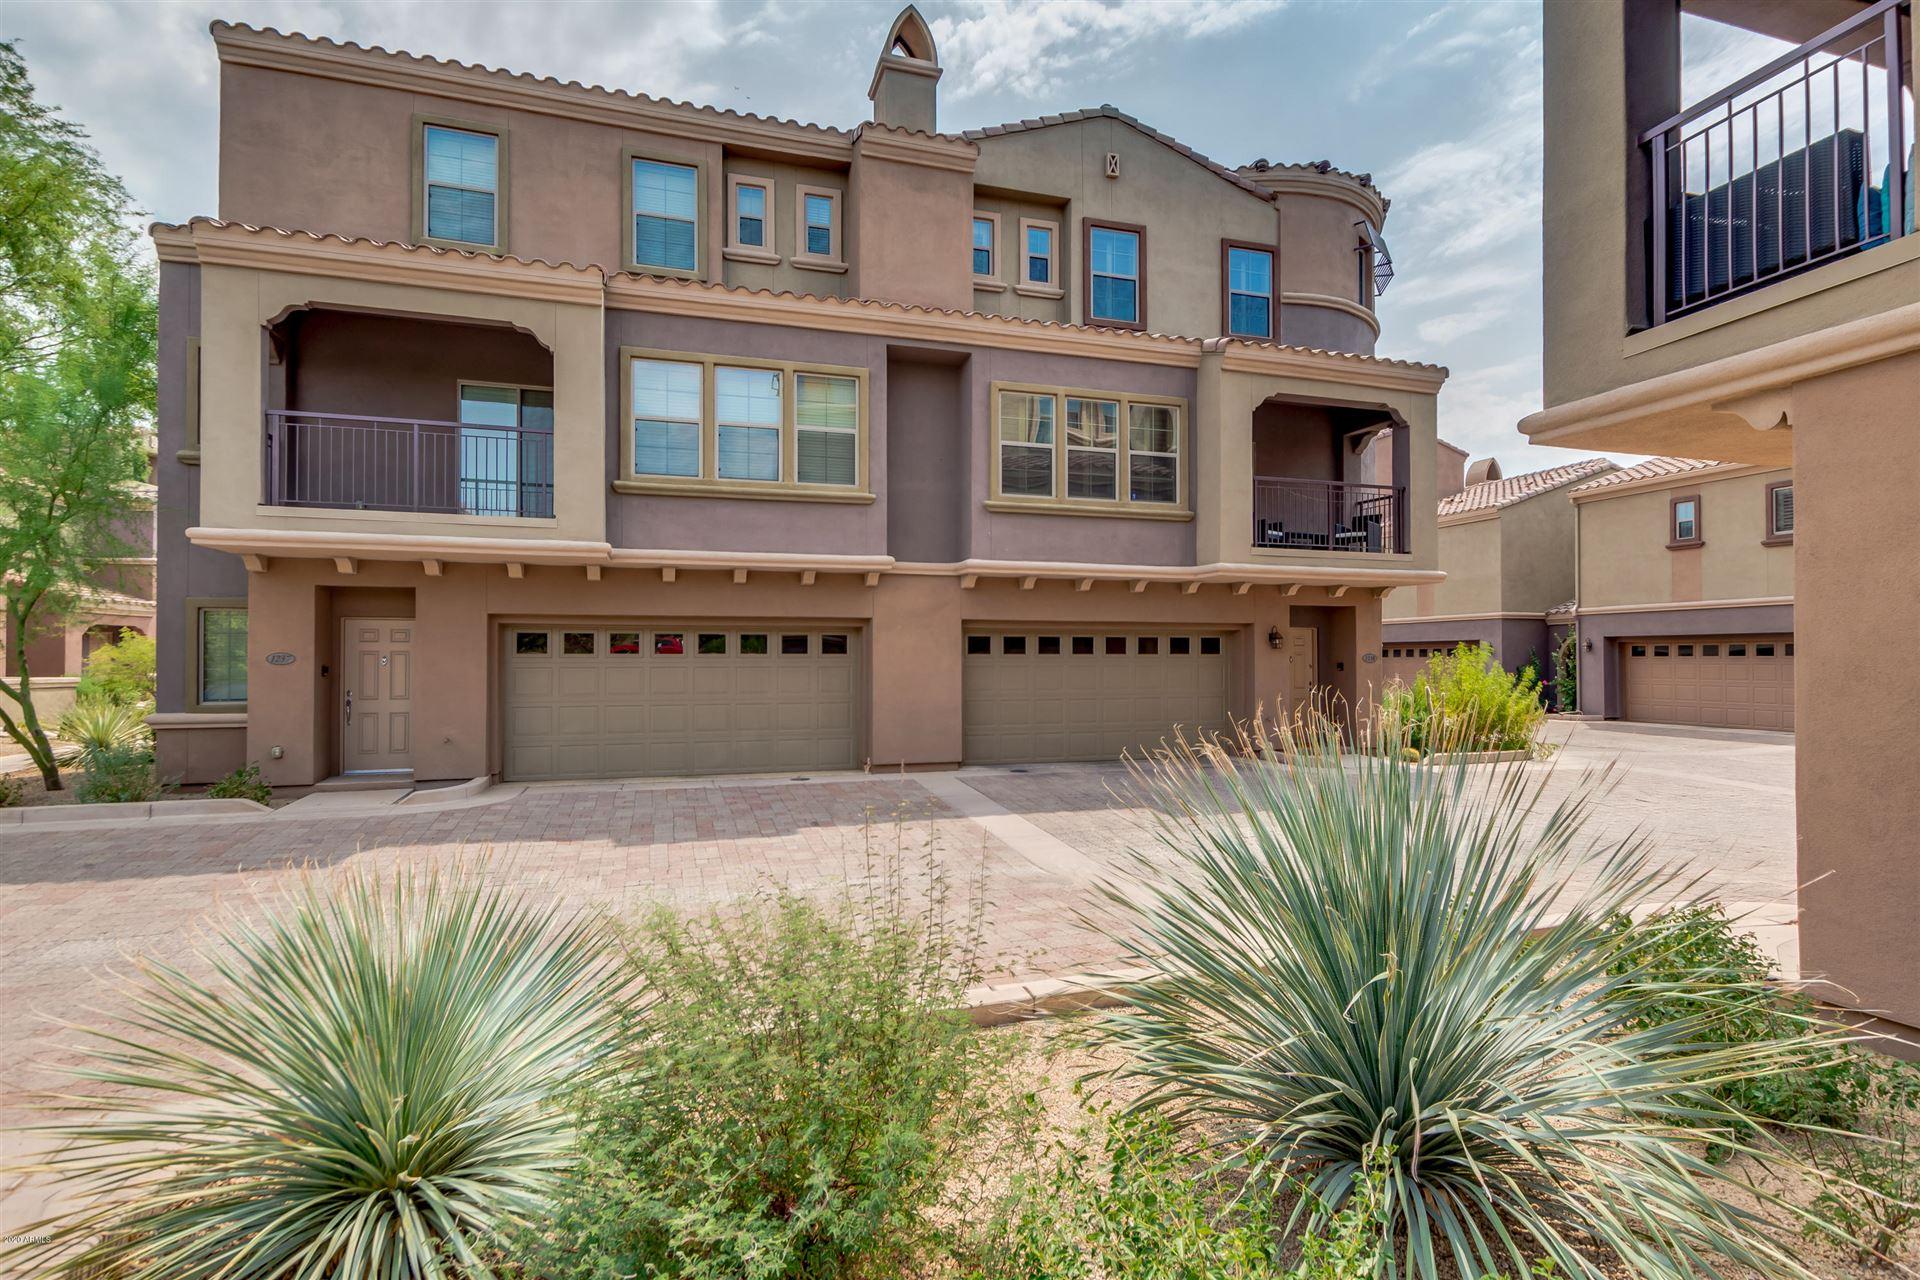 3935 E ROUGH RIDER Road #1238, Phoenix, AZ 85050 - MLS#: 6123282